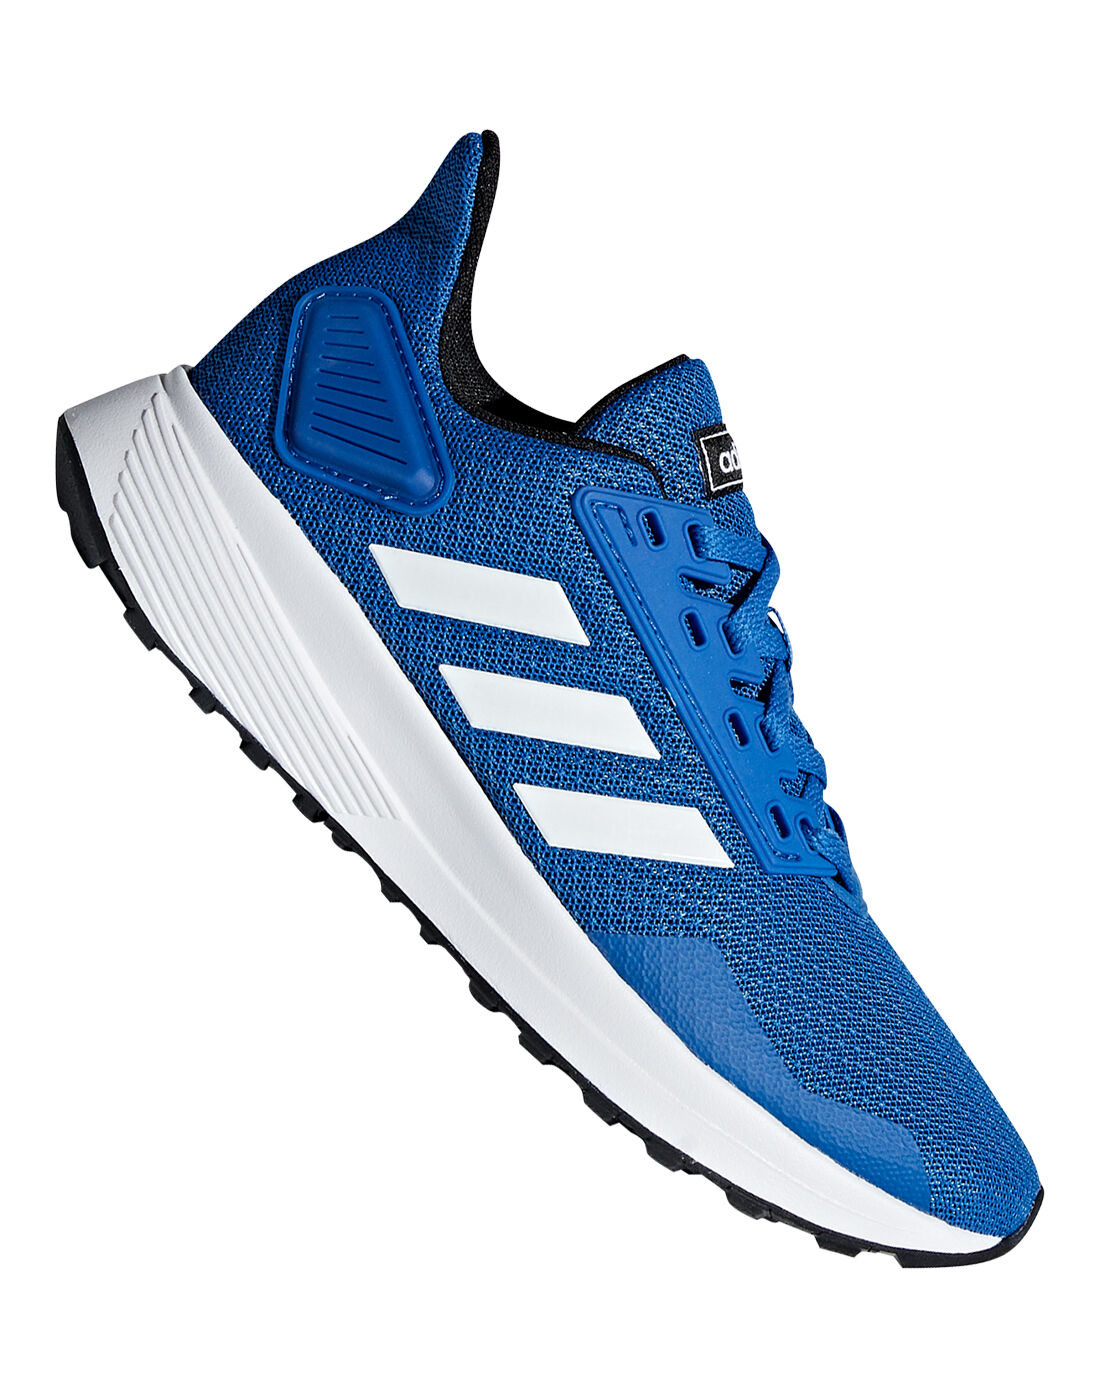 adidas Younger Boys Duramo - Blue